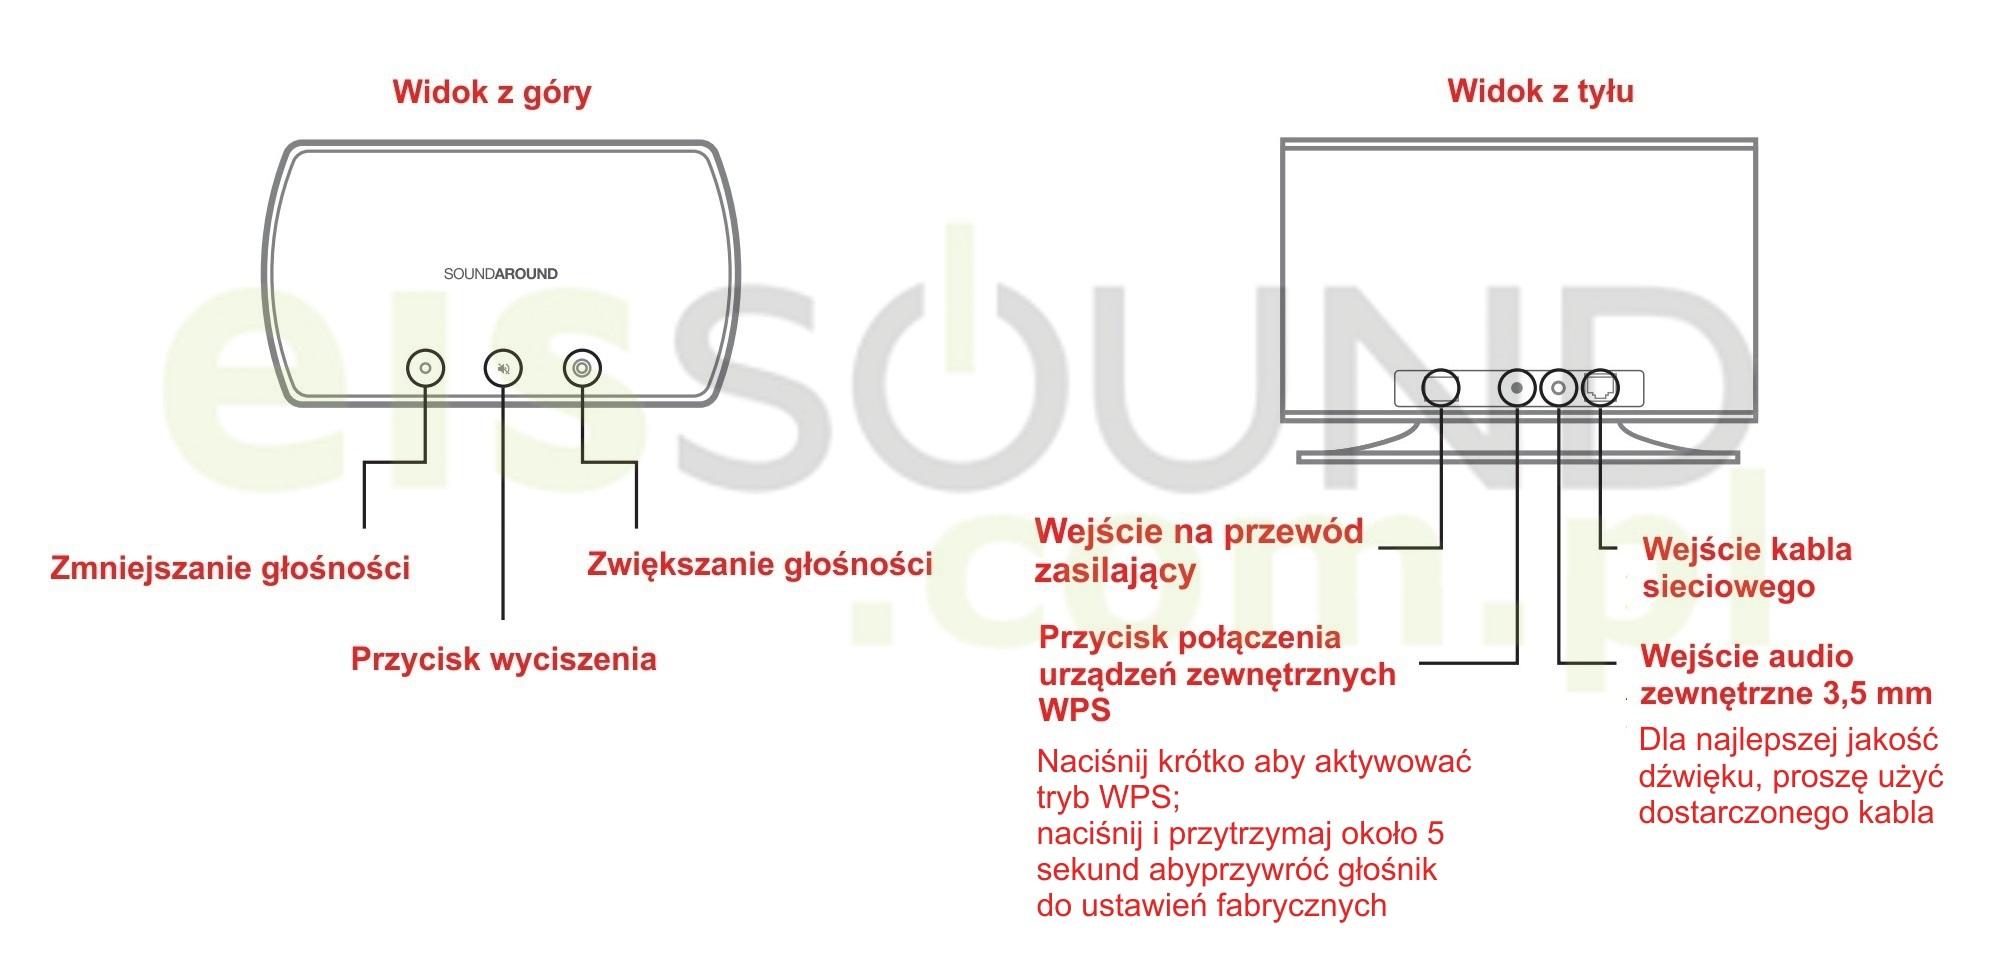 instrukcja obsługi głośnika wifi do salonu i łazienki multiroom